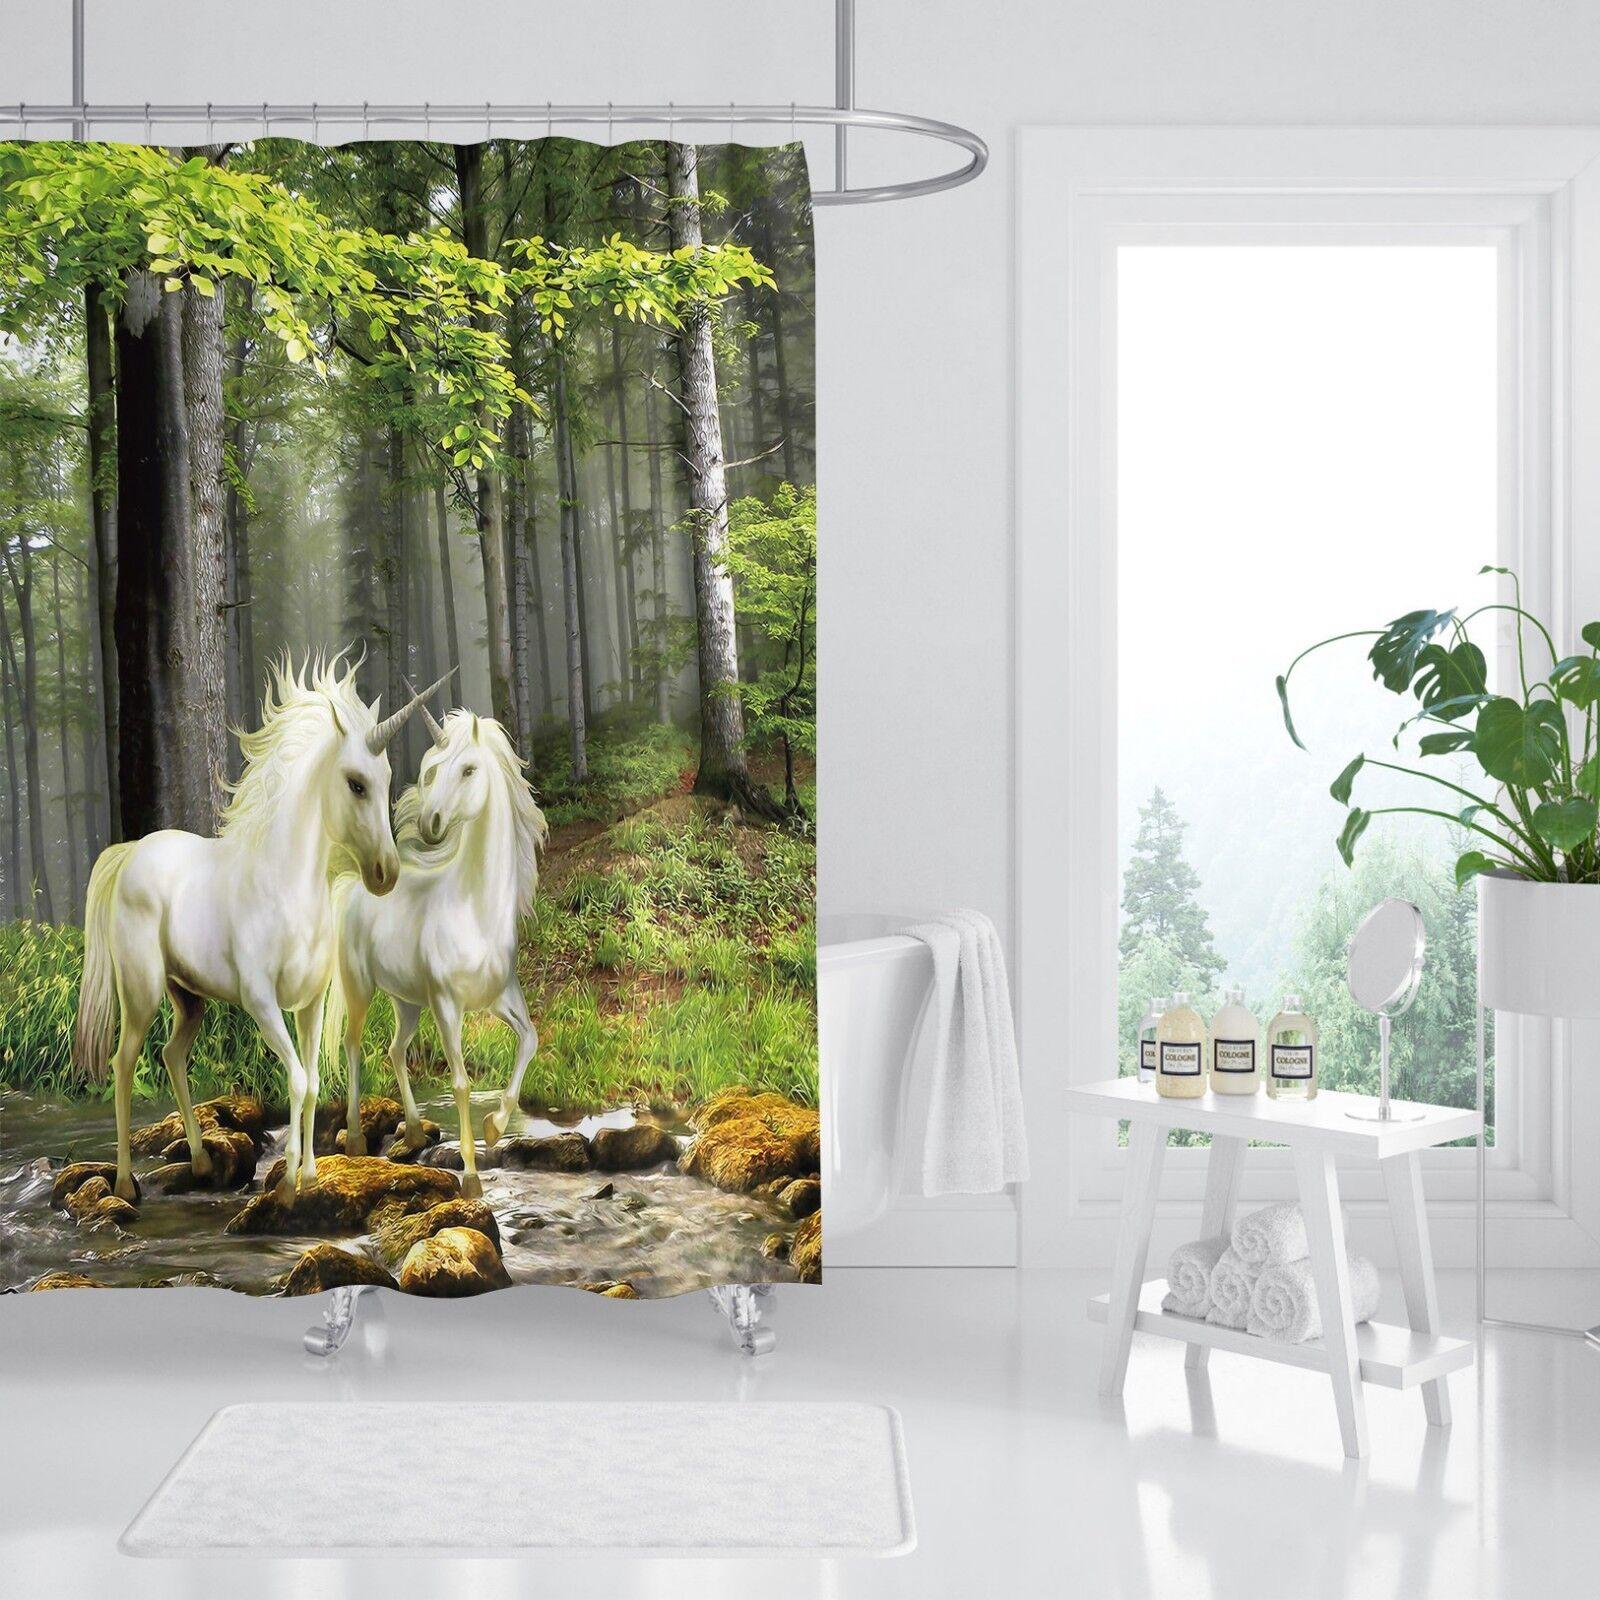 3D Blanc Licorne 53 Rideau de Douche Imperméable Fibre Salle de Bain Home Windows Toilette